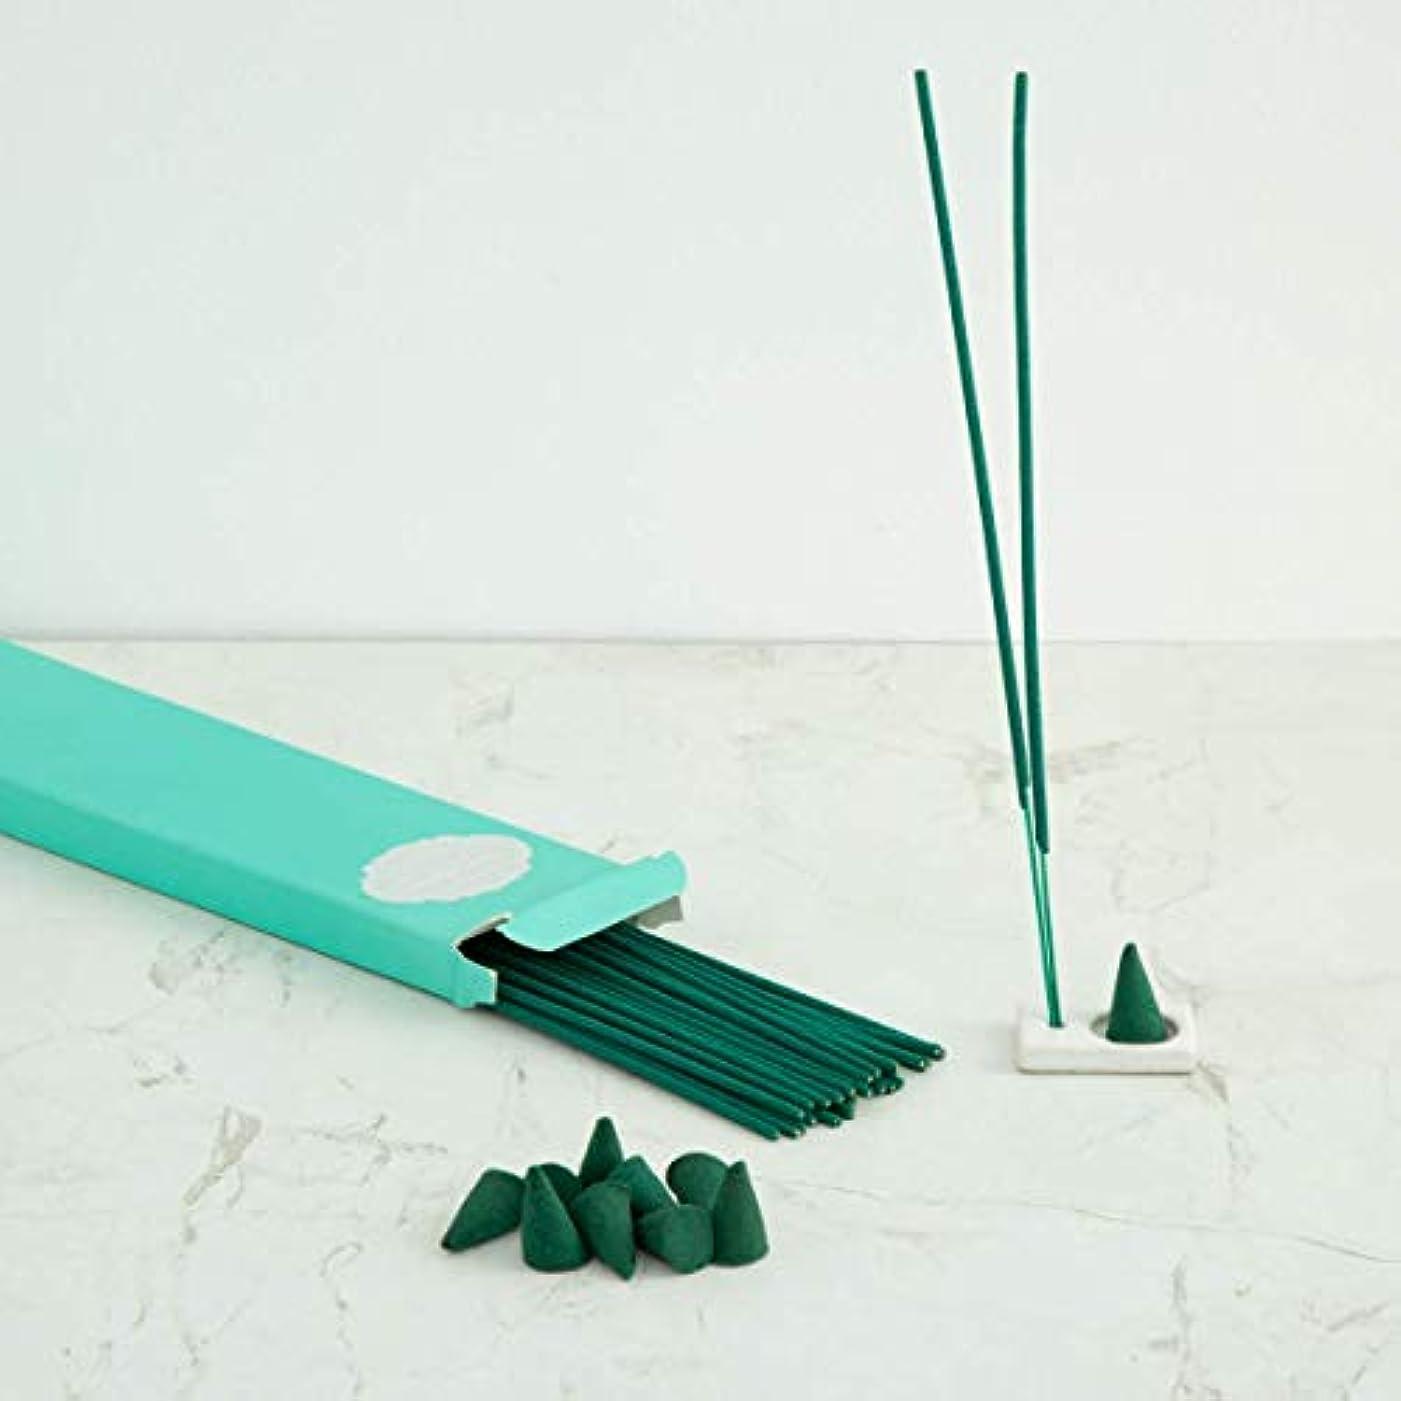 交換アセンブリ広範囲Home Centre Redolance Chirping Woods Incense Sticks and Cones - Blue